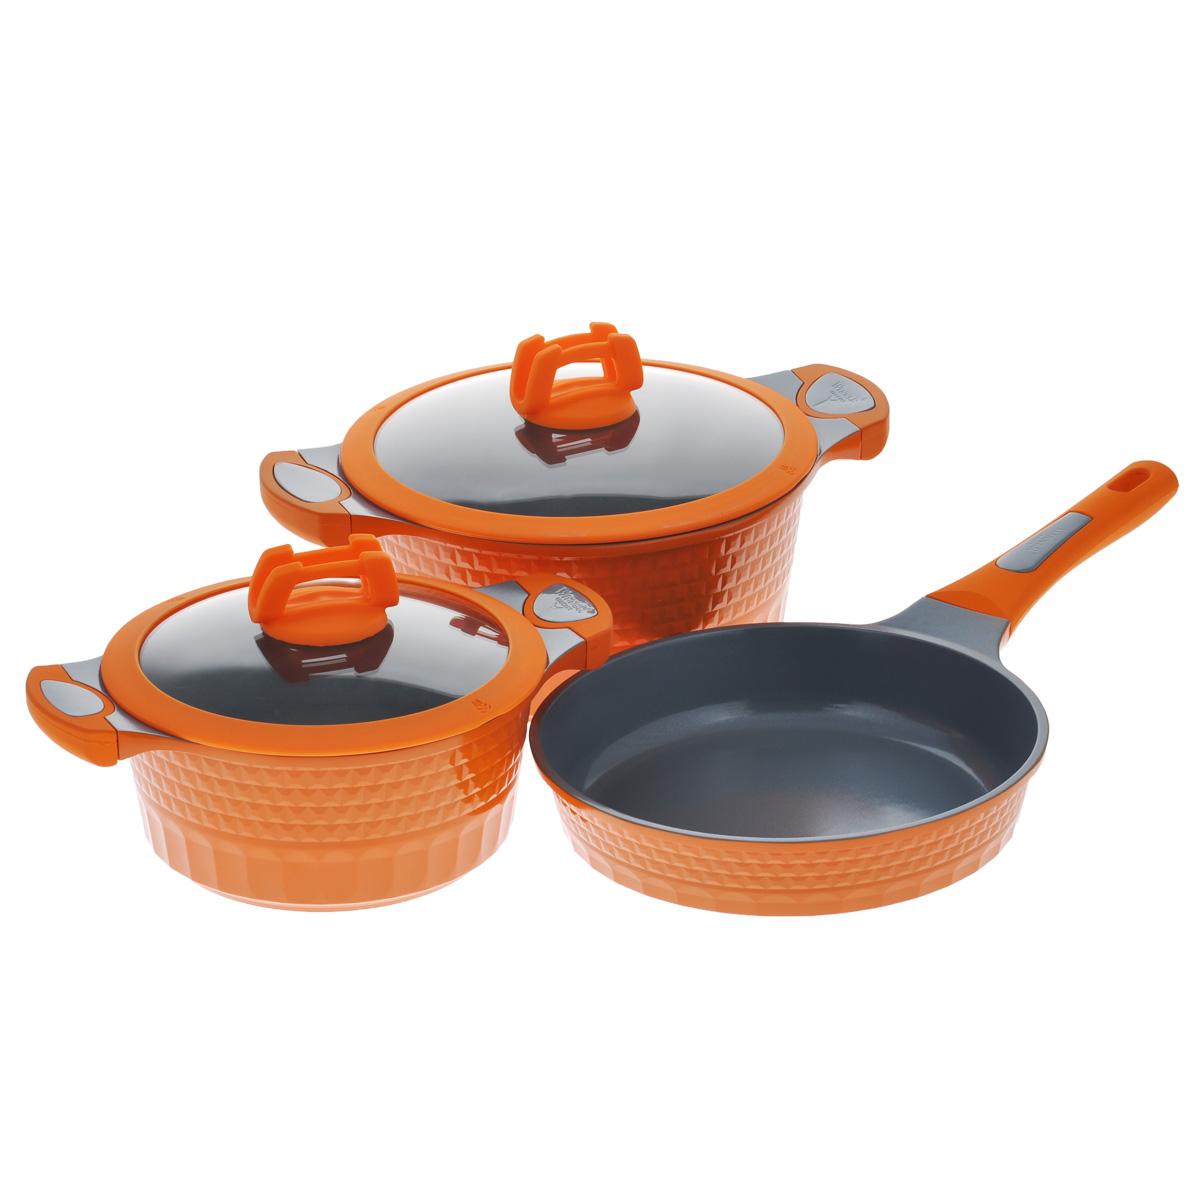 Набор посуды Winner, с керамическим покрытием, цвет: оранжевый, 5 предметов. WR-1302WR-1302В набор посуды Winner входят 2 кастрюли с крышками и сковорода. Предметы набора выполнены из высококачественного литого алюминия с антипригарным керамическим нанопокрытием Cerock. Посуда с нанопокрытием обладает высокой прочностью, жаро-, износо-, коррозийной стойкостью, химической инертностью. При нагревании до высоких температур не выделяет и не впитывает в себя вредных для человека химических соединений. Нанопокрытие гарантирует быстрый и равномерный нагрев посуды и существенную экономию электроэнергии. Данная технология позволяет исключить деформацию корпуса при частом и длительном использовании посуды. Внешние стенки посуды рифленые, что придает набору особо эстетичный внешний вид. Внешнее покрытие цветное жаростойкое силиконовое. Предметы набора оснащены удобными бакелитовыми ручками с силиконовым покрытием. Крышки, выполненные из термостойкого стекла с силиконовым ободком и пароотводом, позволят вам следить за процессом приготовления пищи. Крышки плотно...